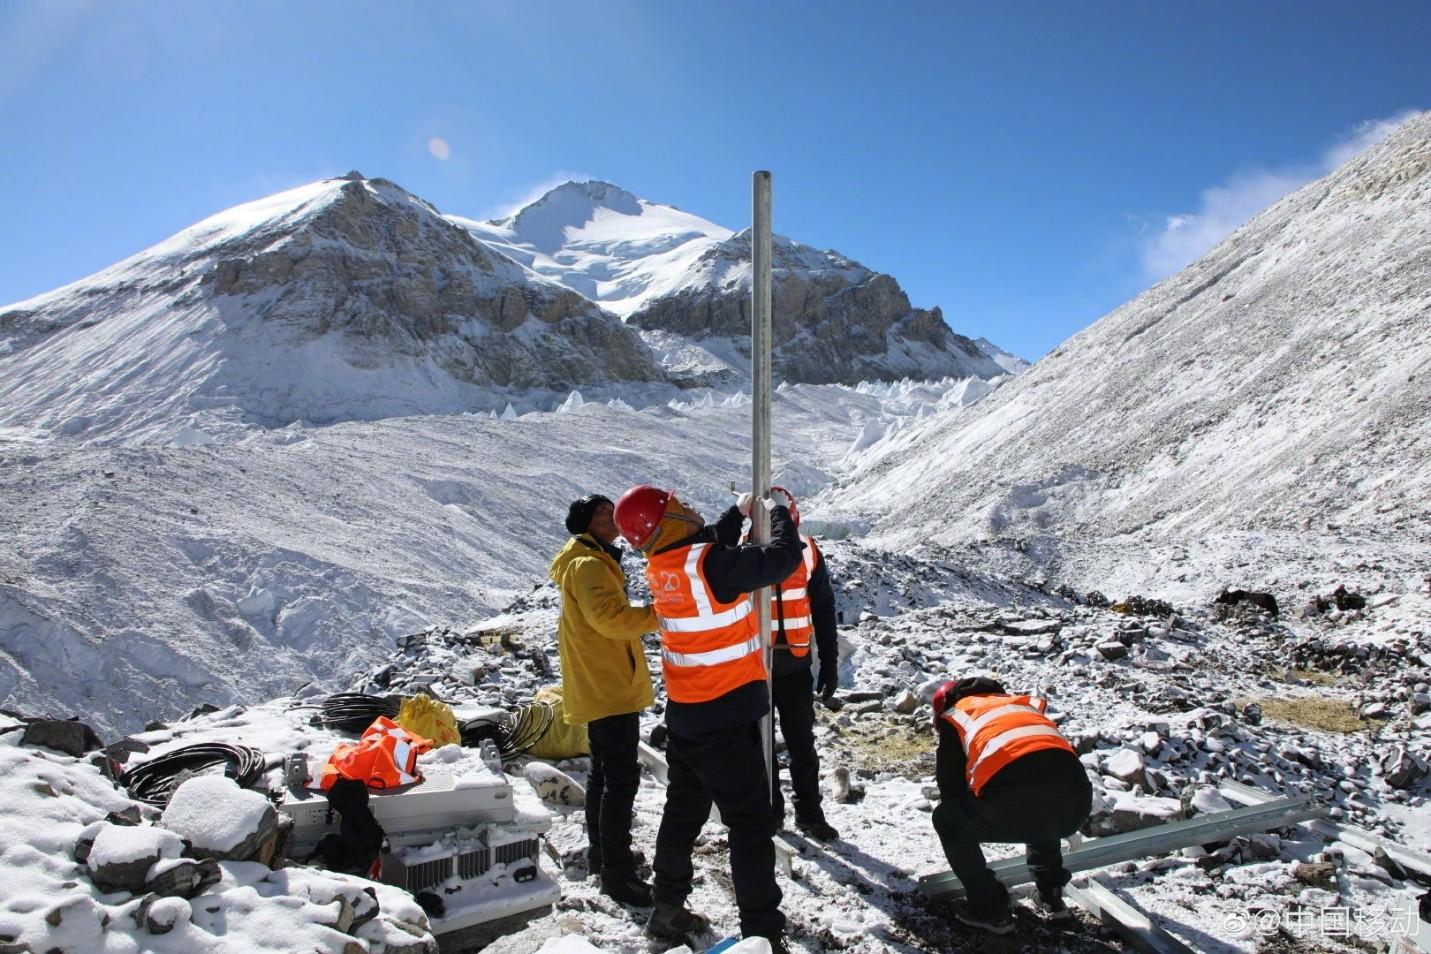 2020年4月30日,中国建成世界海拔最高的5G基站